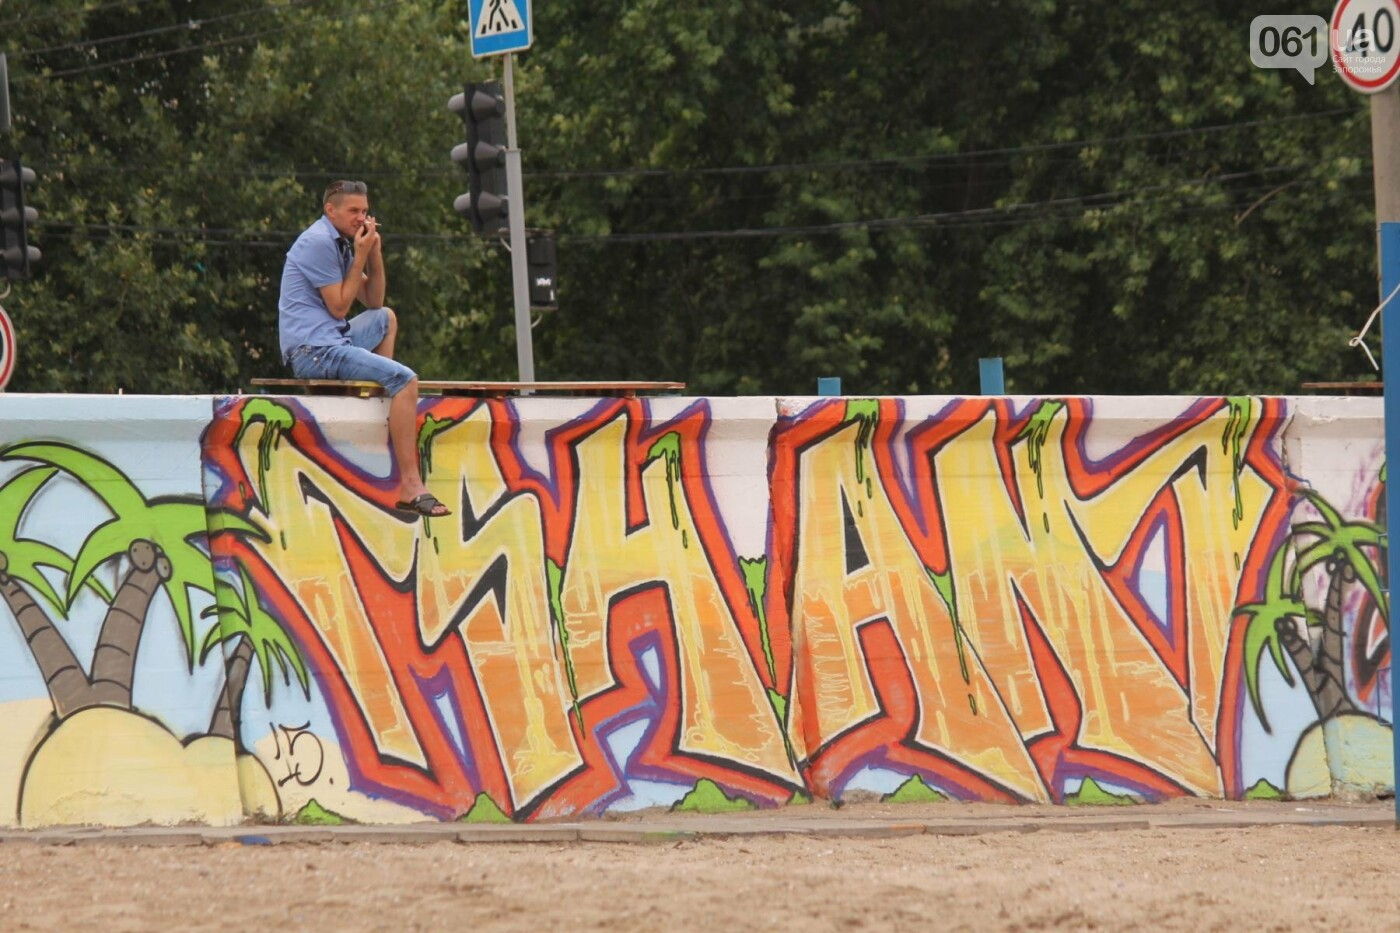 В Запорожье на пляже закончился фестиваль граффити: разрисовали 150 метров бетонной стены, – ФОТОРЕПОРТАЖ, фото-46